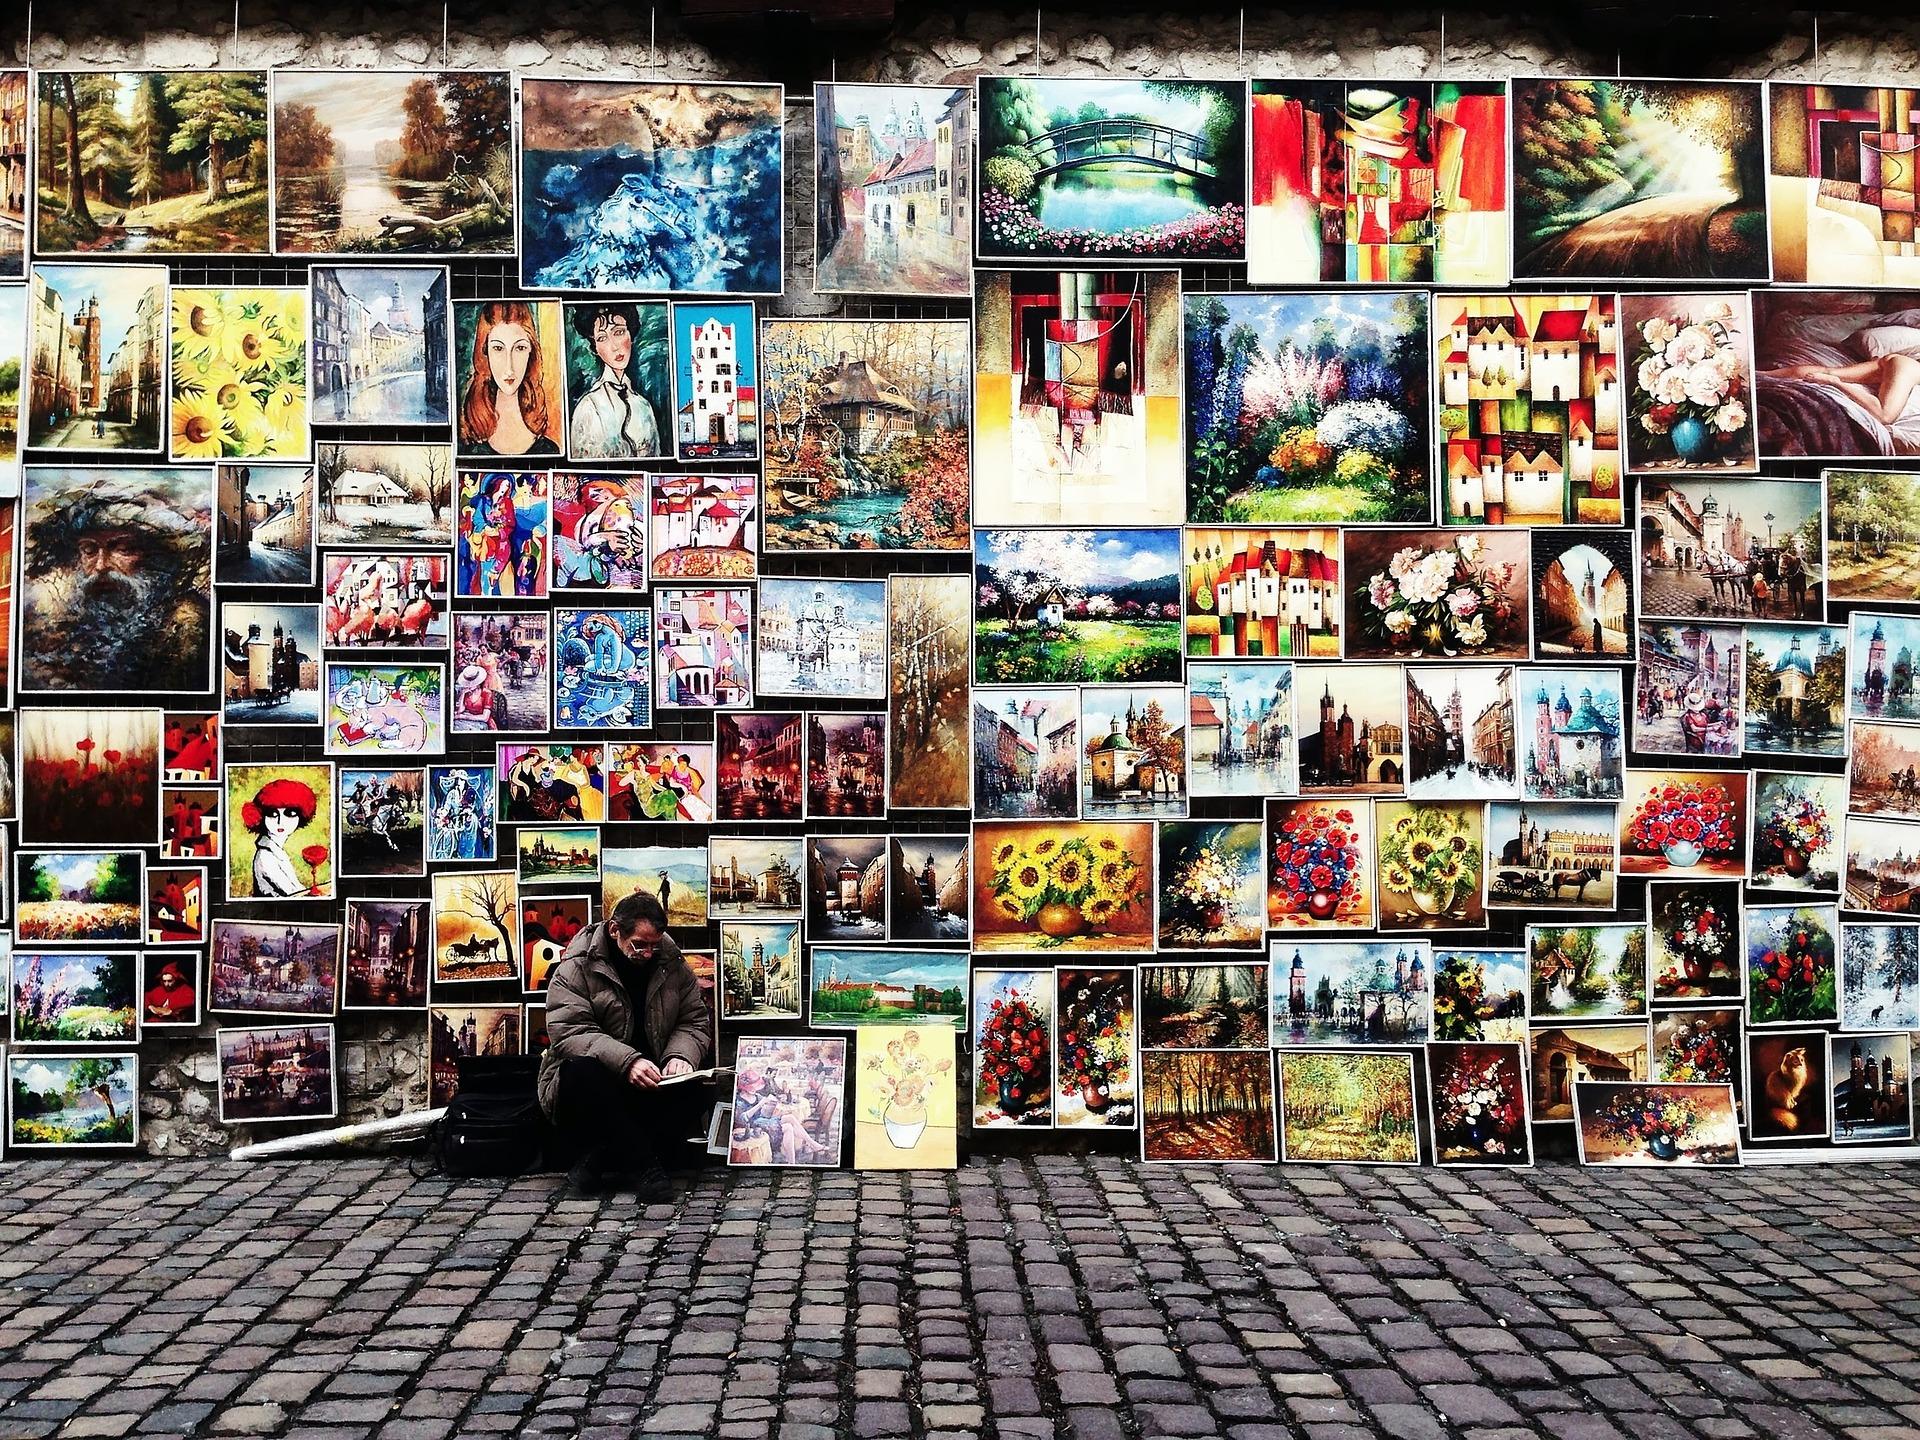 様々なポスターが壁に飾られている